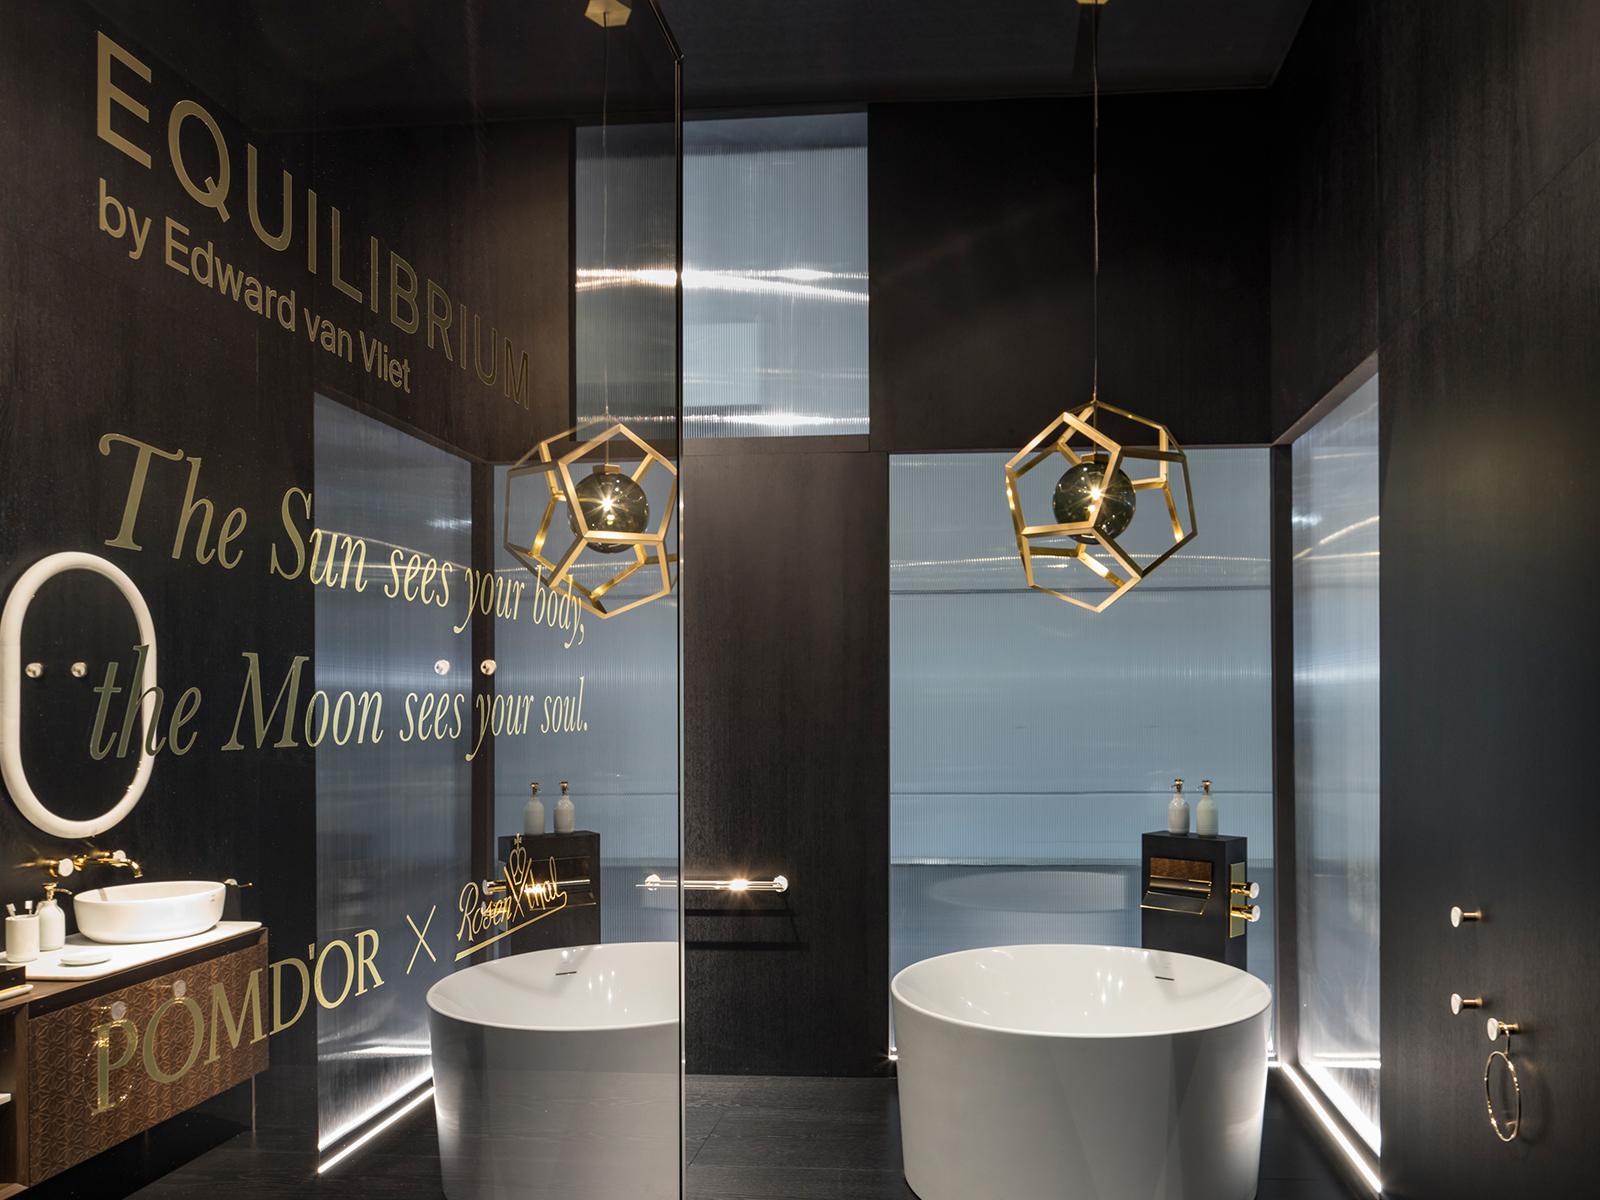 equilibrium-pomdor-bathroom